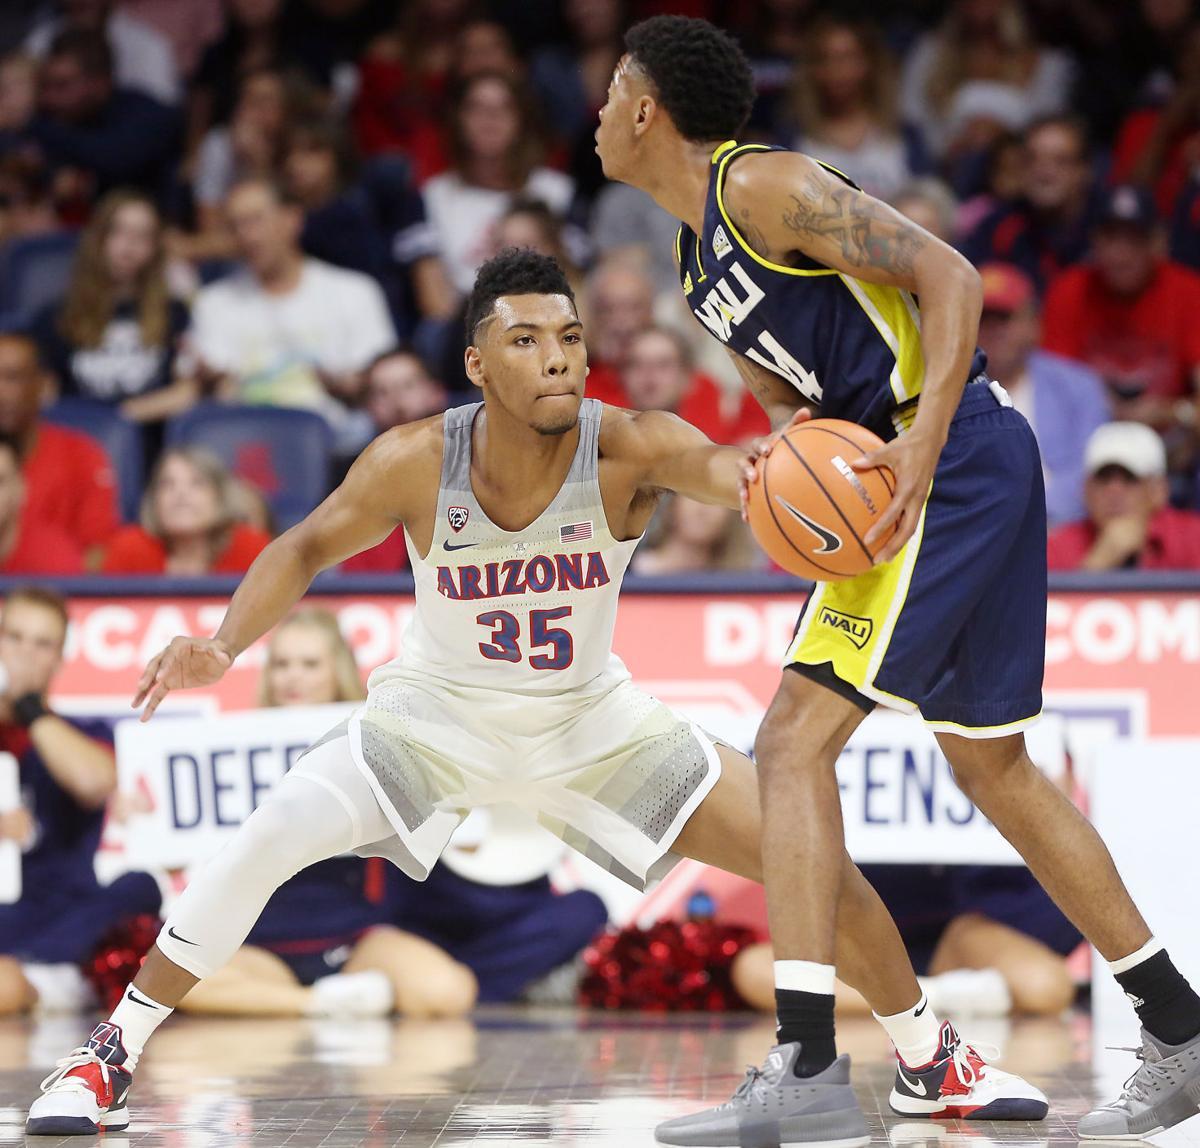 Arizona vs Northern Arizona